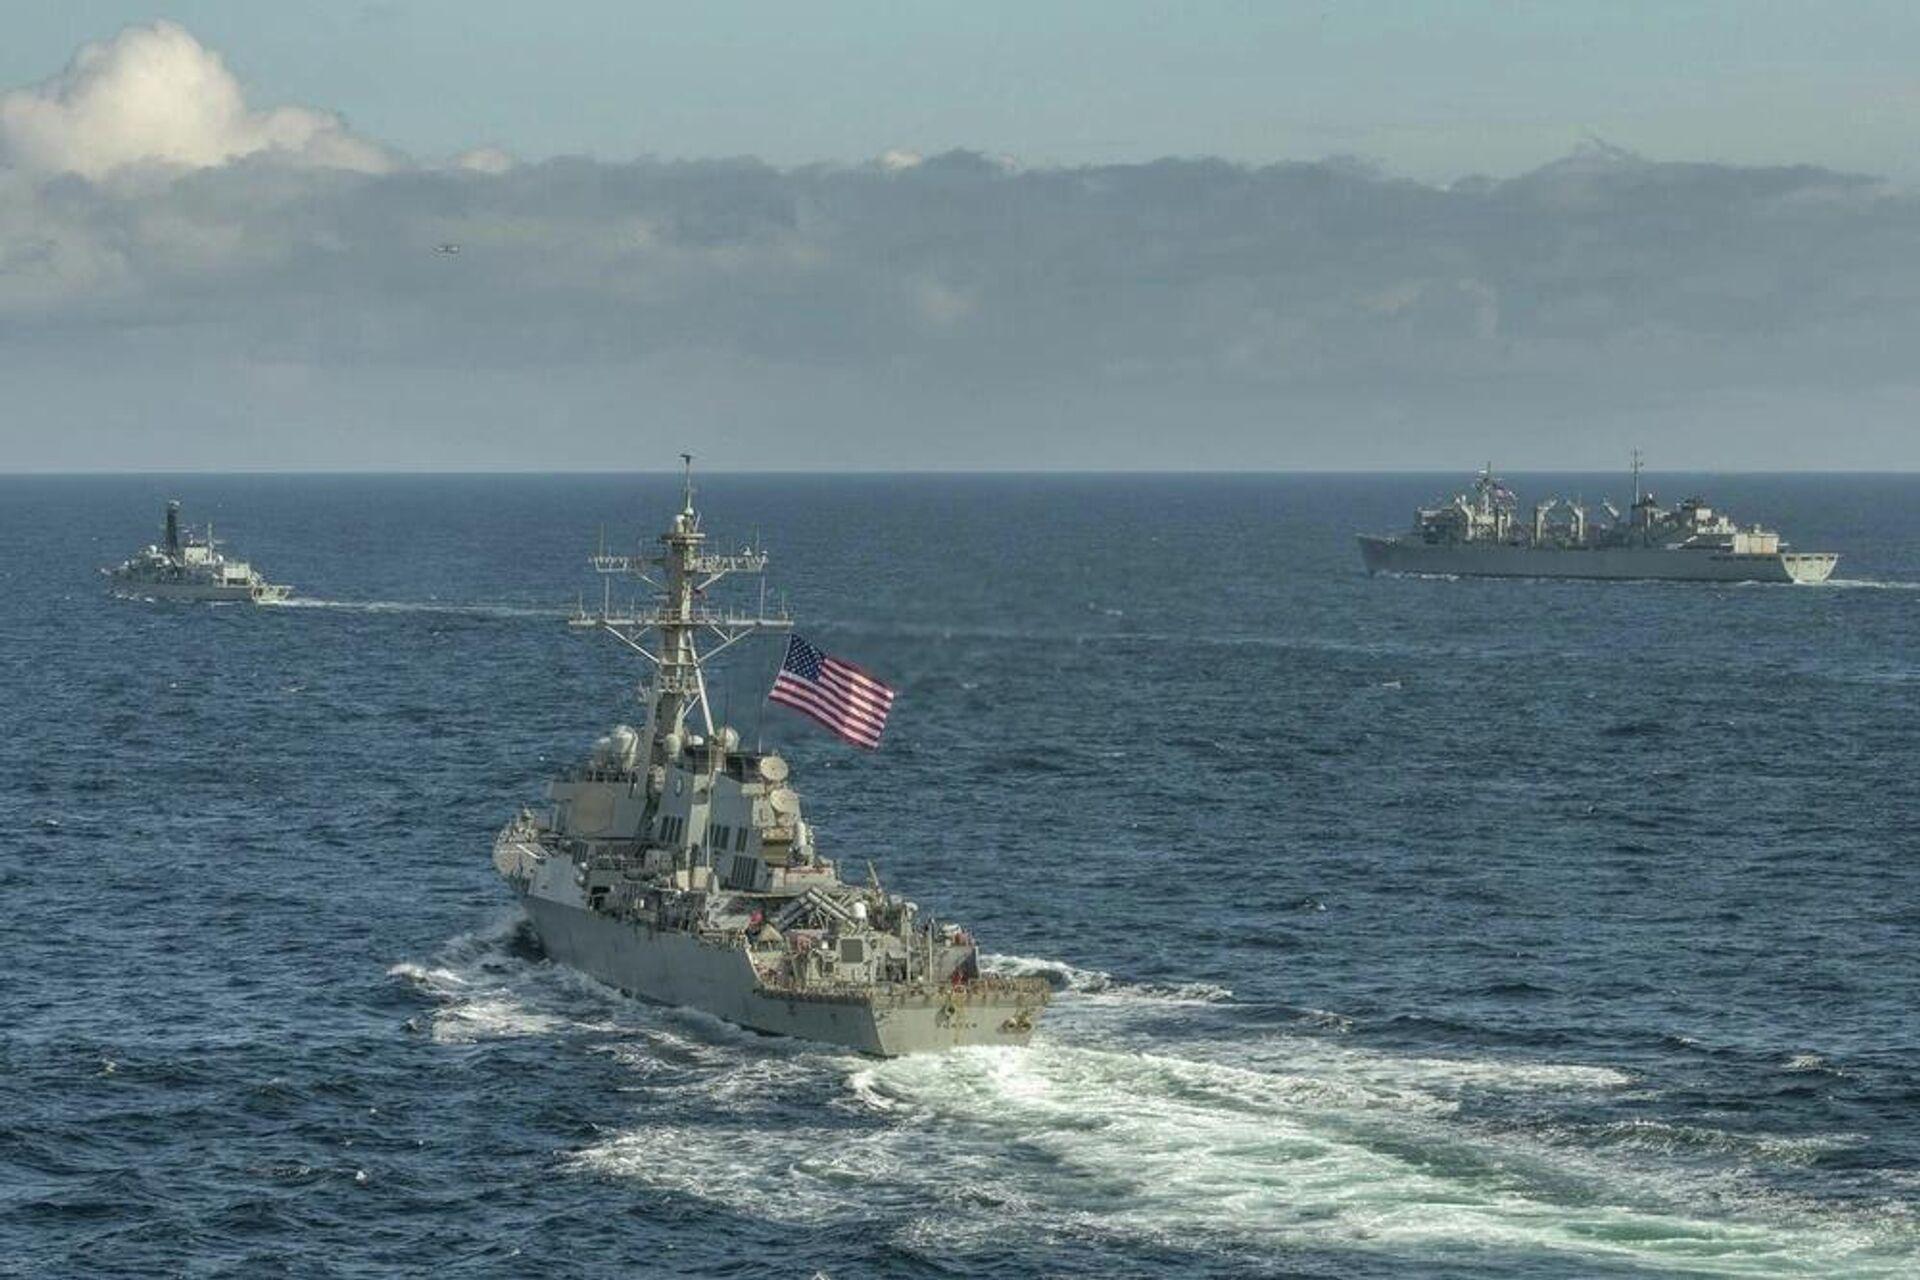 Эсминец ВМС США Портер, корабль поддержки USNS Supply и британский фрегат Кент во время учений в Баренцевом море. 5 мая 2020 - Sputnik Latvija, 1920, 07.10.2021